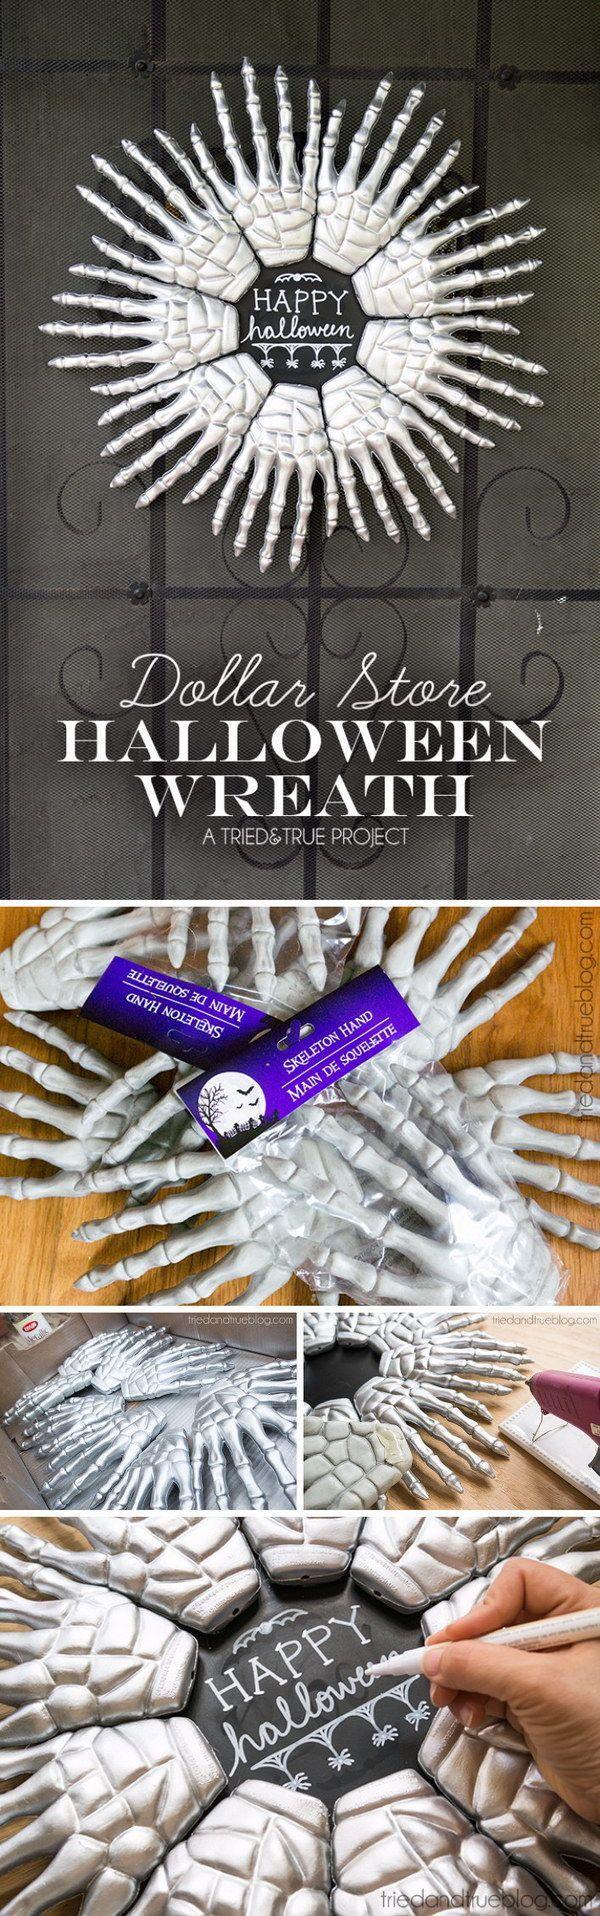 Best 25+ Dollar store halloween ideas on Pinterest ...